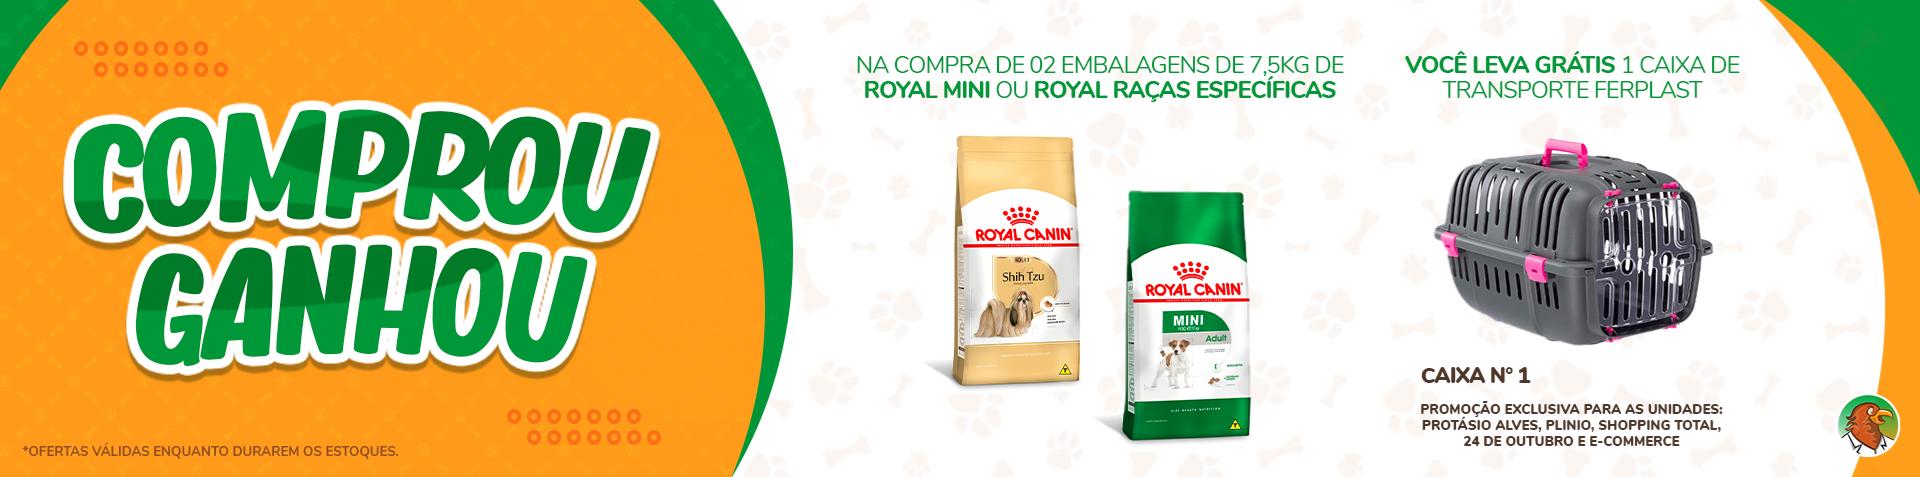 Promoção Royal Canin